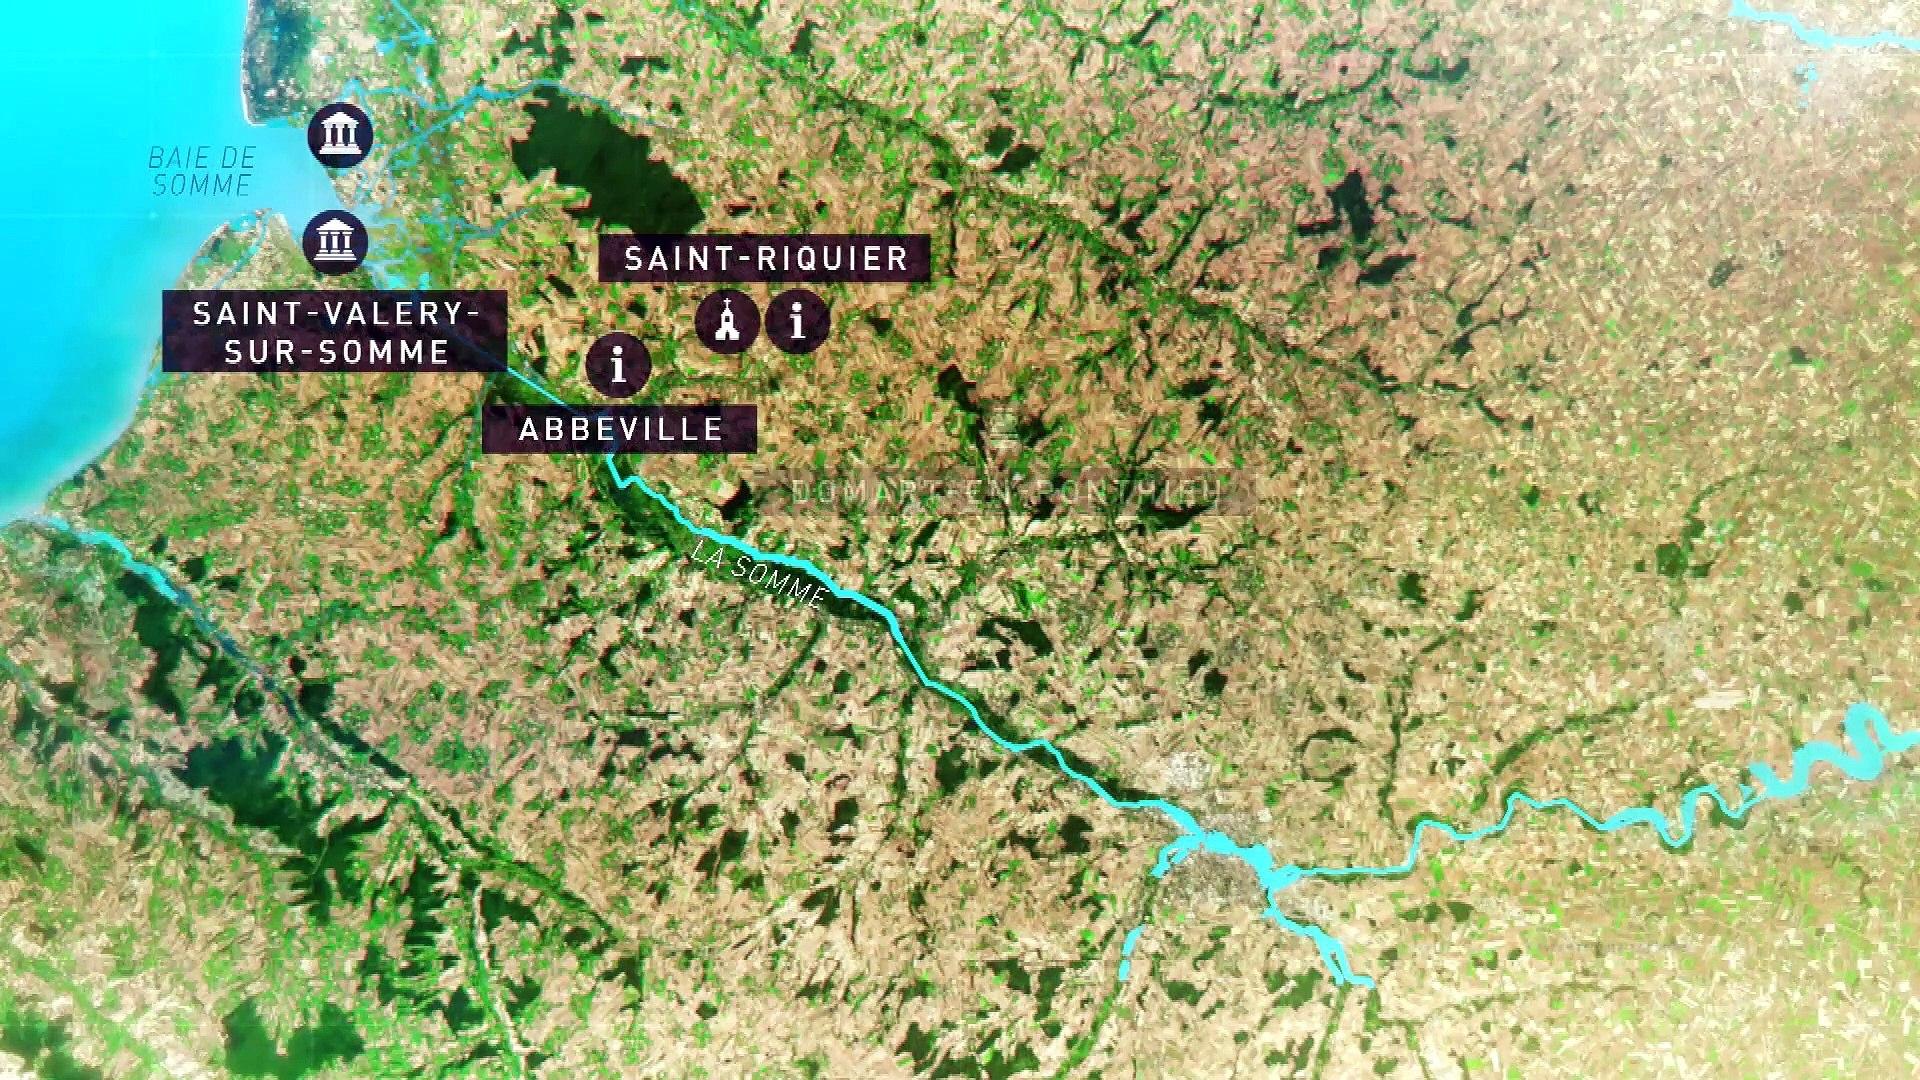 Carte Au Tresor Baie De Somme.La Carte Aux Tresors La Somme Ce Soir A 21h00 Sur France